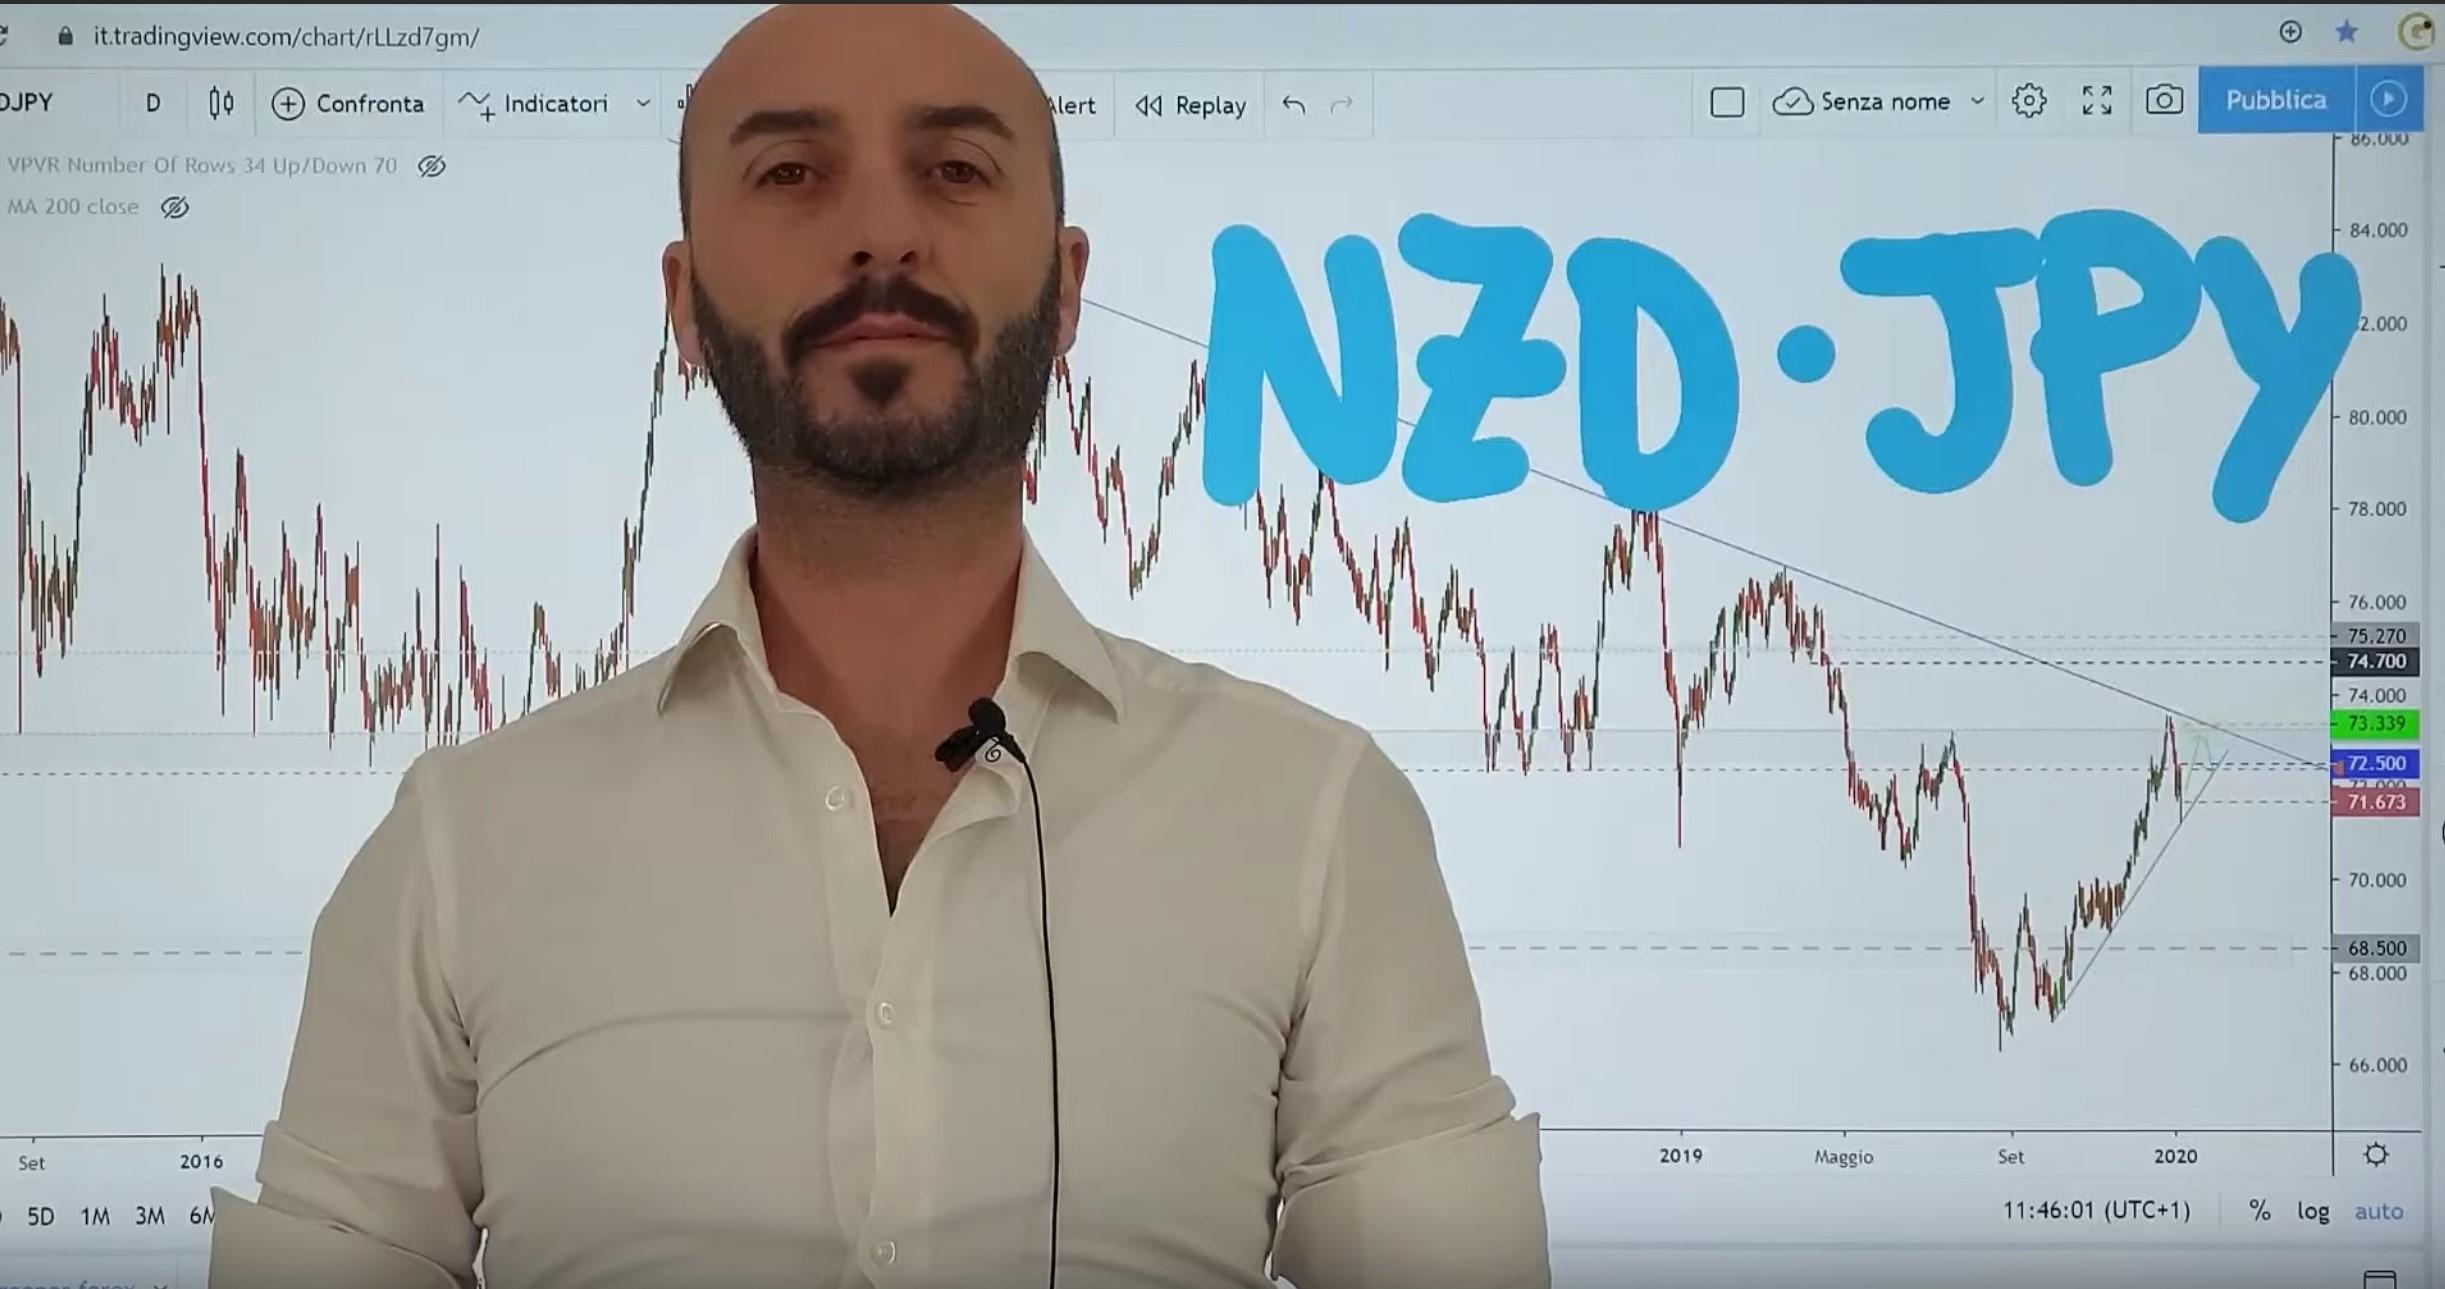 Analisi opportunità NZD JPY del 08-01-2020